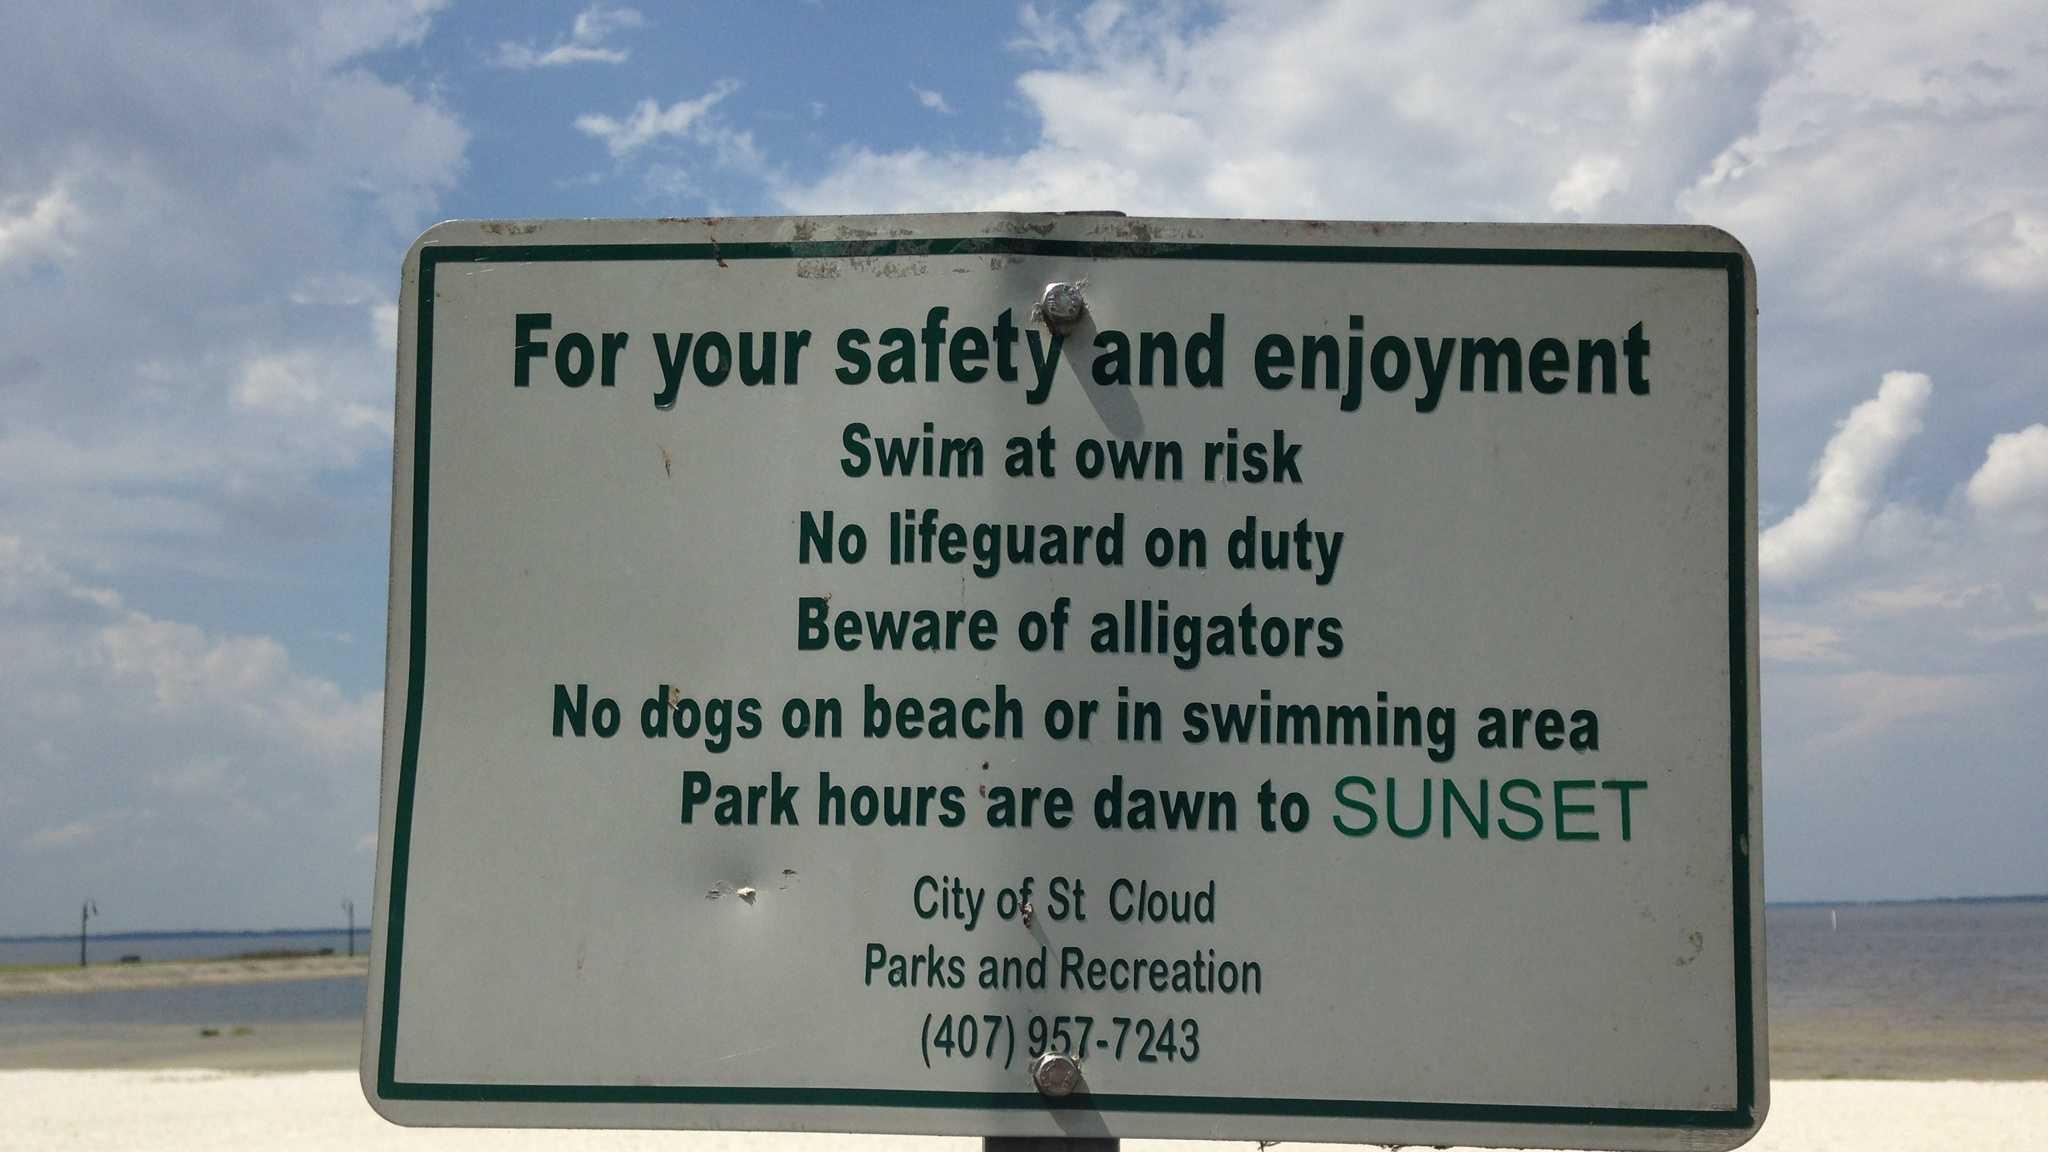 East Lake Toho gator warning sign.jpg